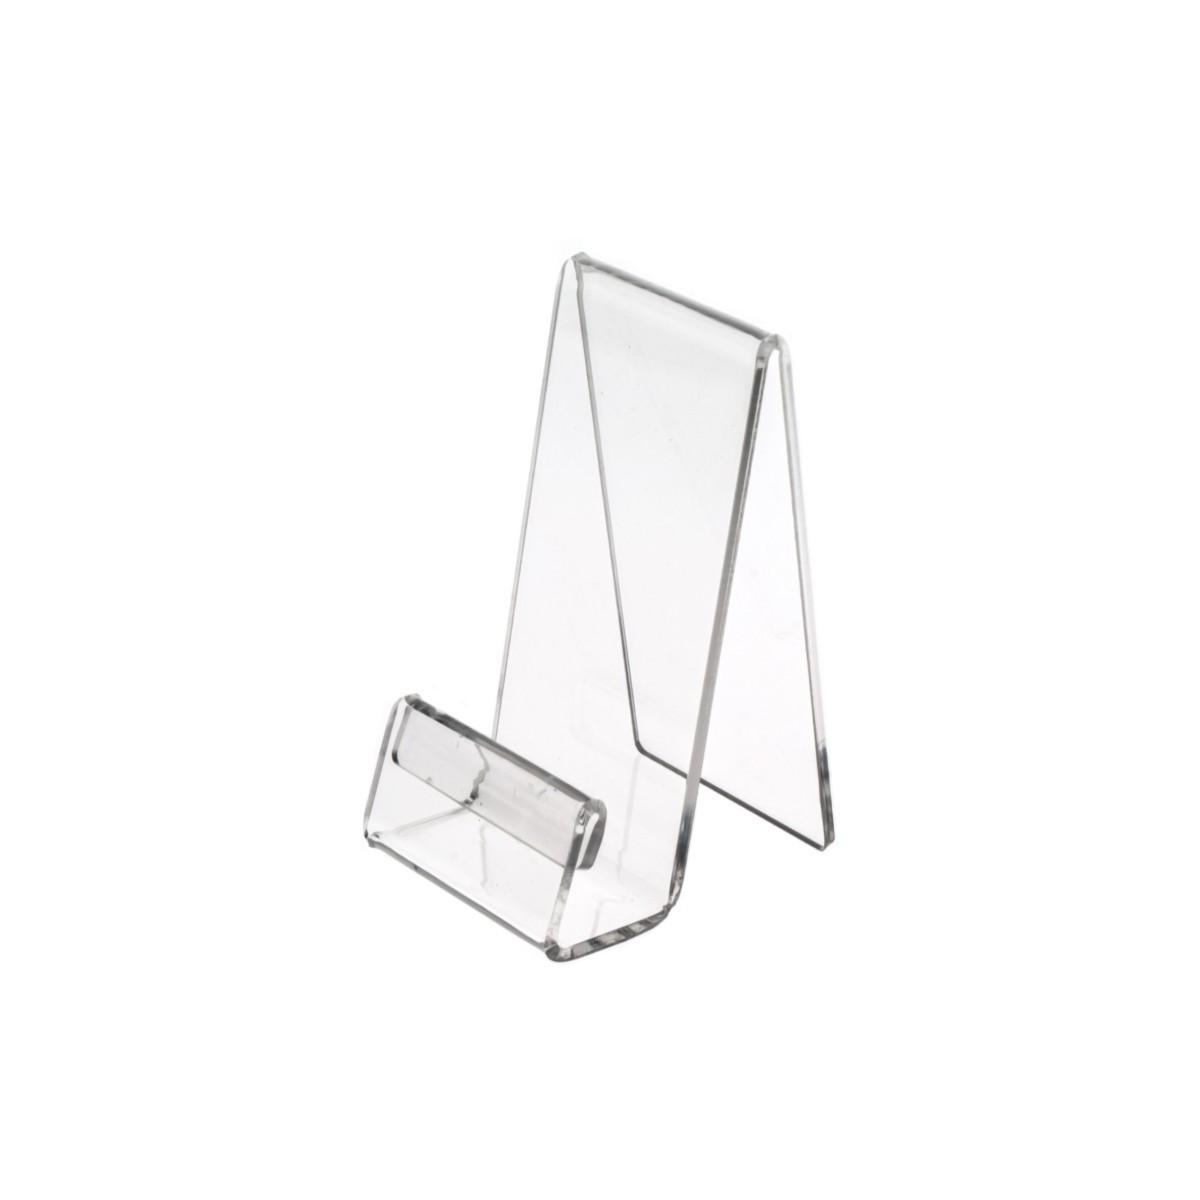 E-123 PCE-B - Portacellulare in plexiglass trasparente con segnaprezzo - Misura: 6x8xH12 cm